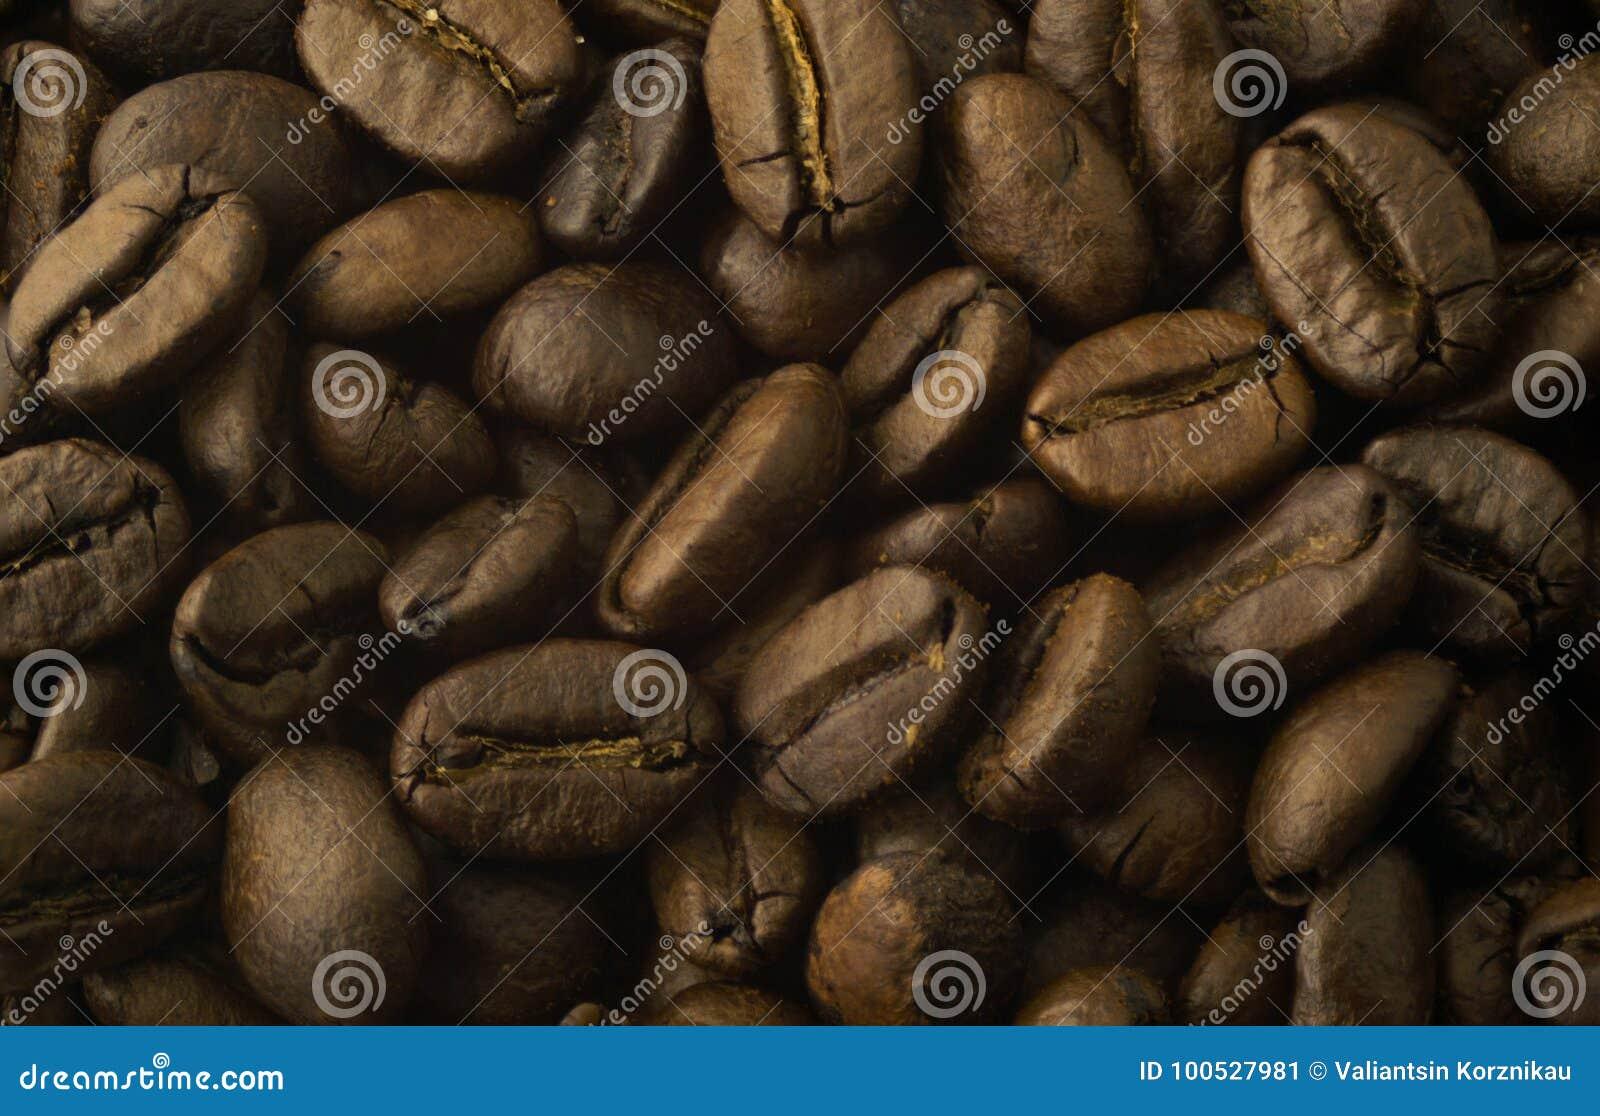 背景接近的咖啡粒查出白色的照片